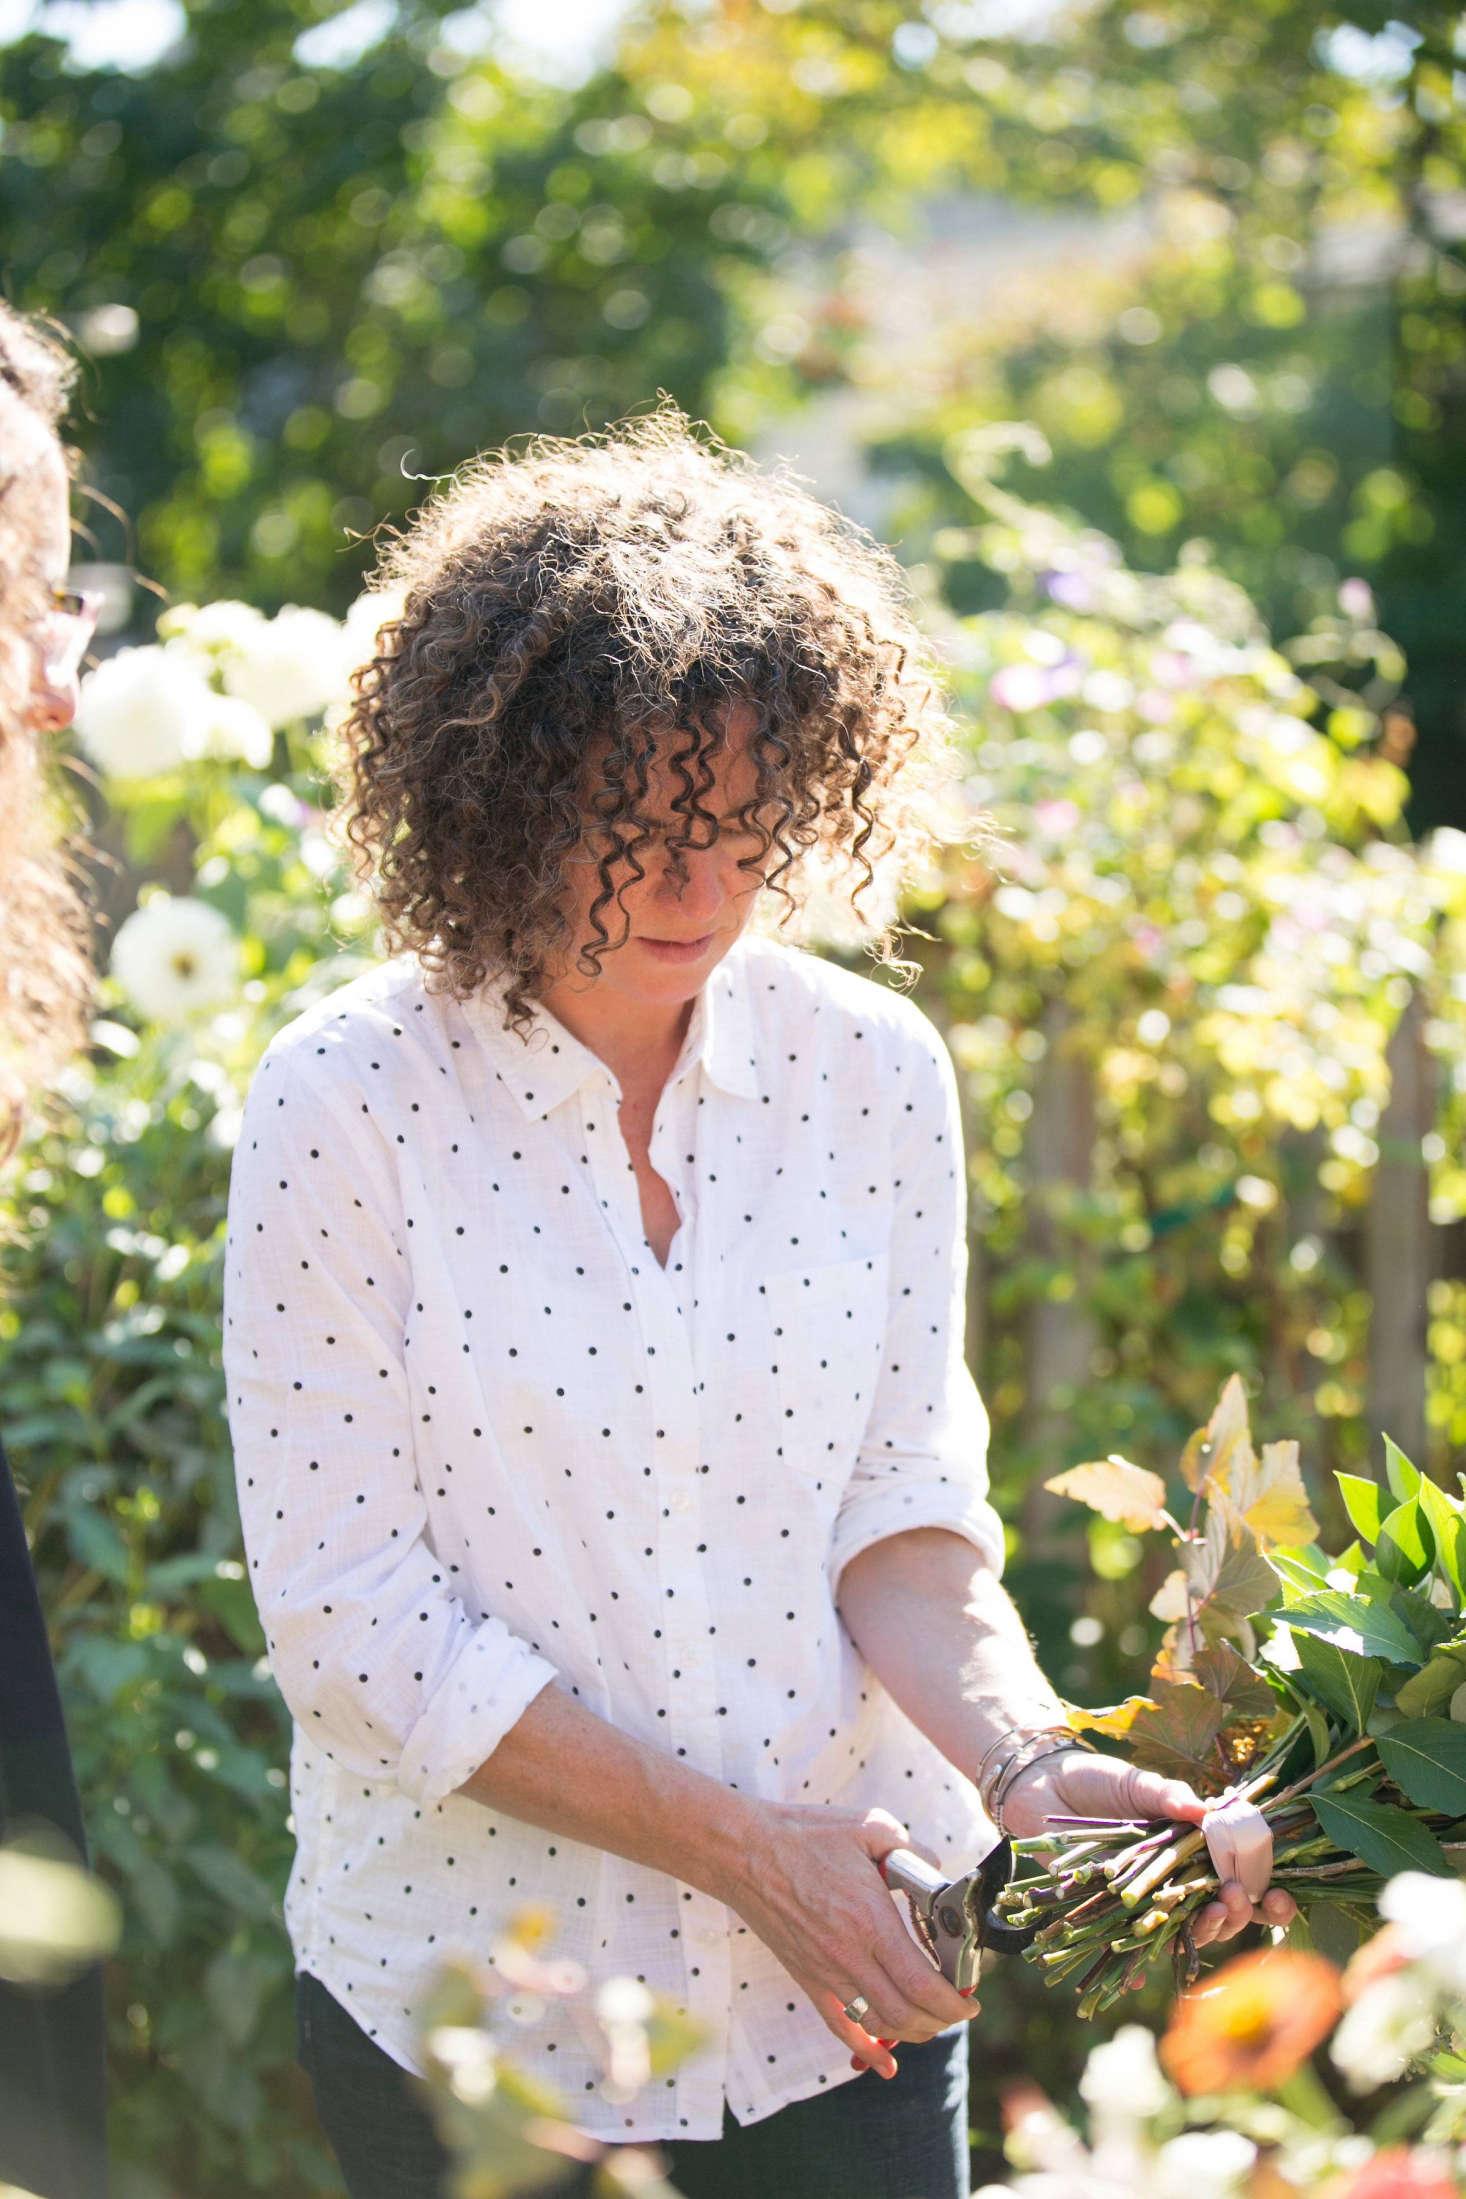 如果我们能让莎拉·尼克松也有邻居。她需要花几个小时的时间来扩大时间,然后她就会在花园里,把她的花园带到花园里的地方。来自克里斯蒂娜·沃尔多夫的网站,而她在全世界的博客上,《维多利亚》,《绿色日报》,《维多利亚》: